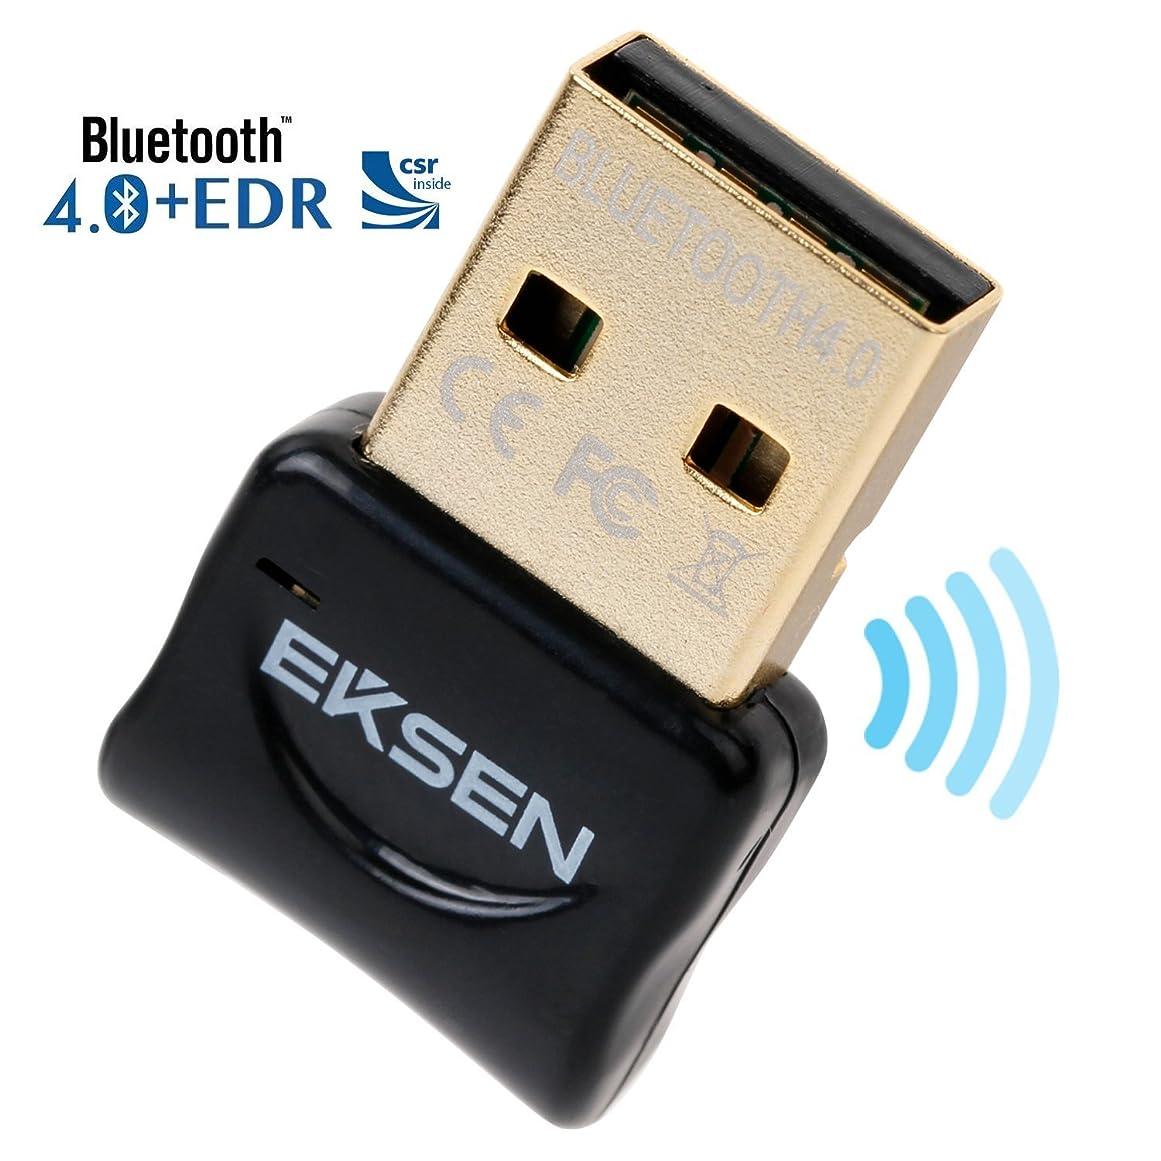 ふざけた幻滅額EKSEN PC用Bluetoothアダプター USB Bluetooth ドングル 4.0レシーバー ワイヤレス転送 ステレオヘッドホン スピーカー用 Windows 8,10にプラグアンドプレイ。